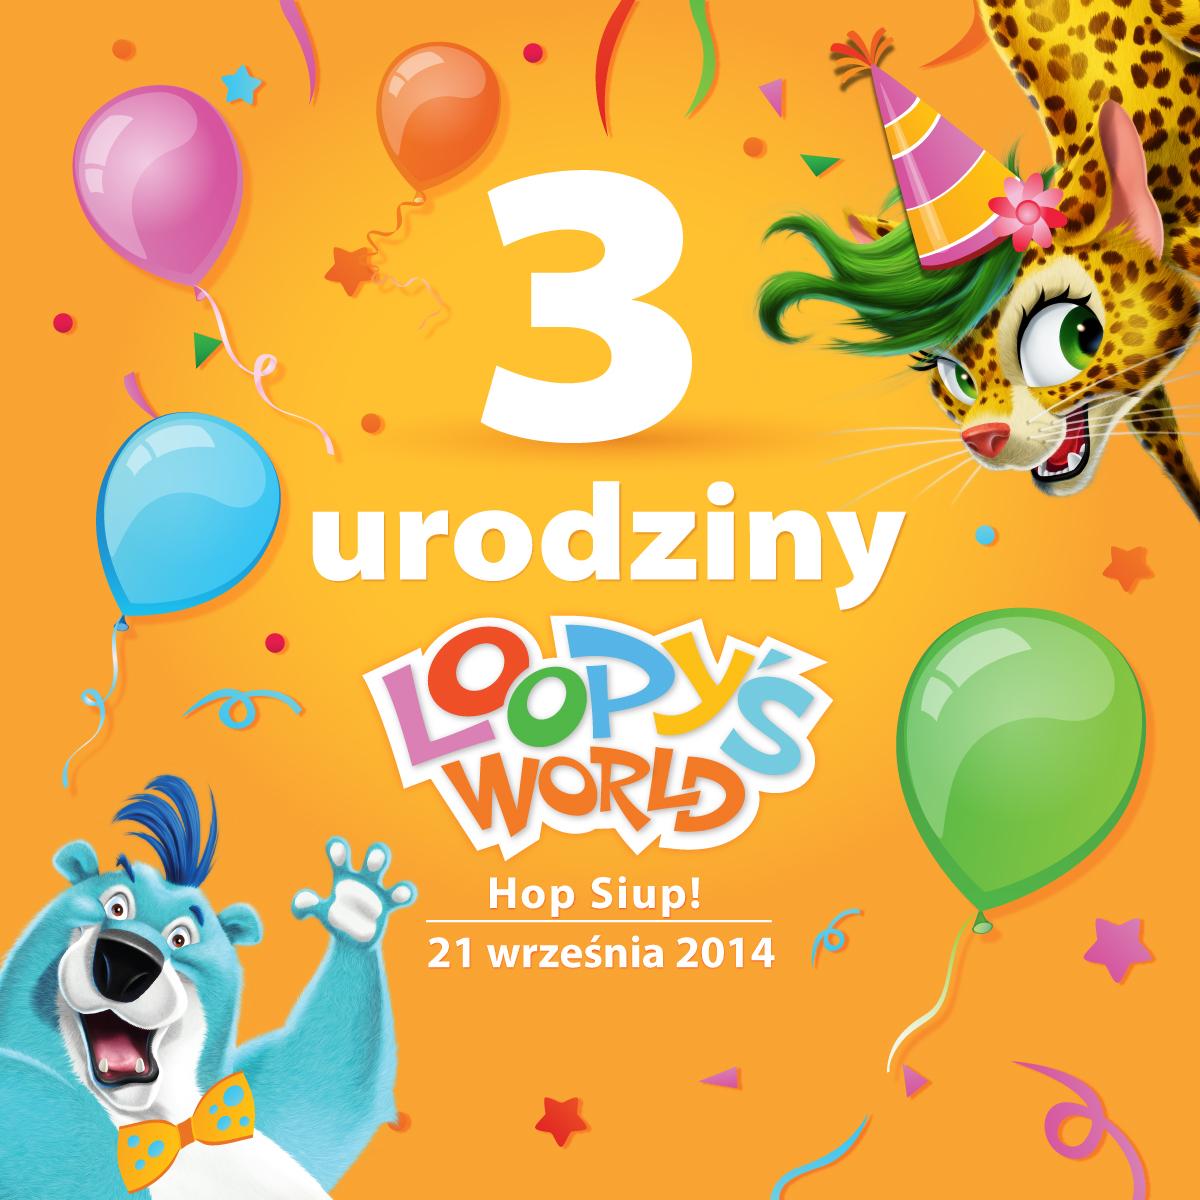 3. Urodziny Loopy's World, czyli hop siup z ulubionymi bohaterami dzieci